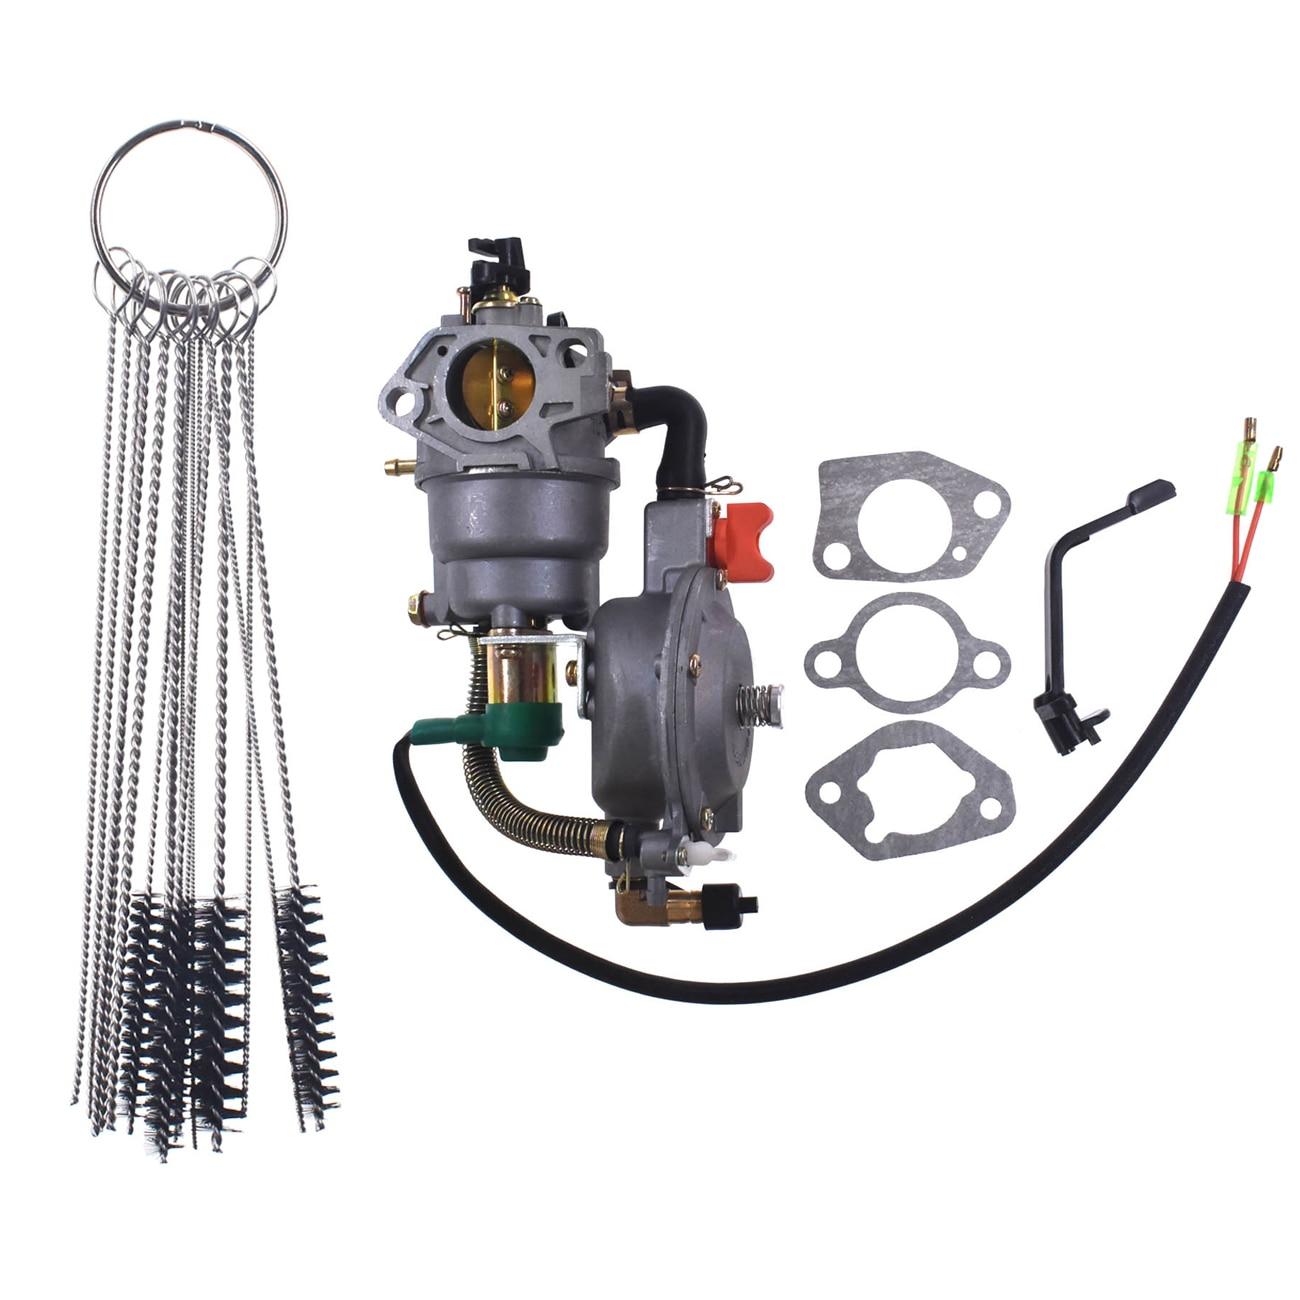 Carburateur double brosse de nettoyage de carburant Propane/essence pour Honda GX340/GX390